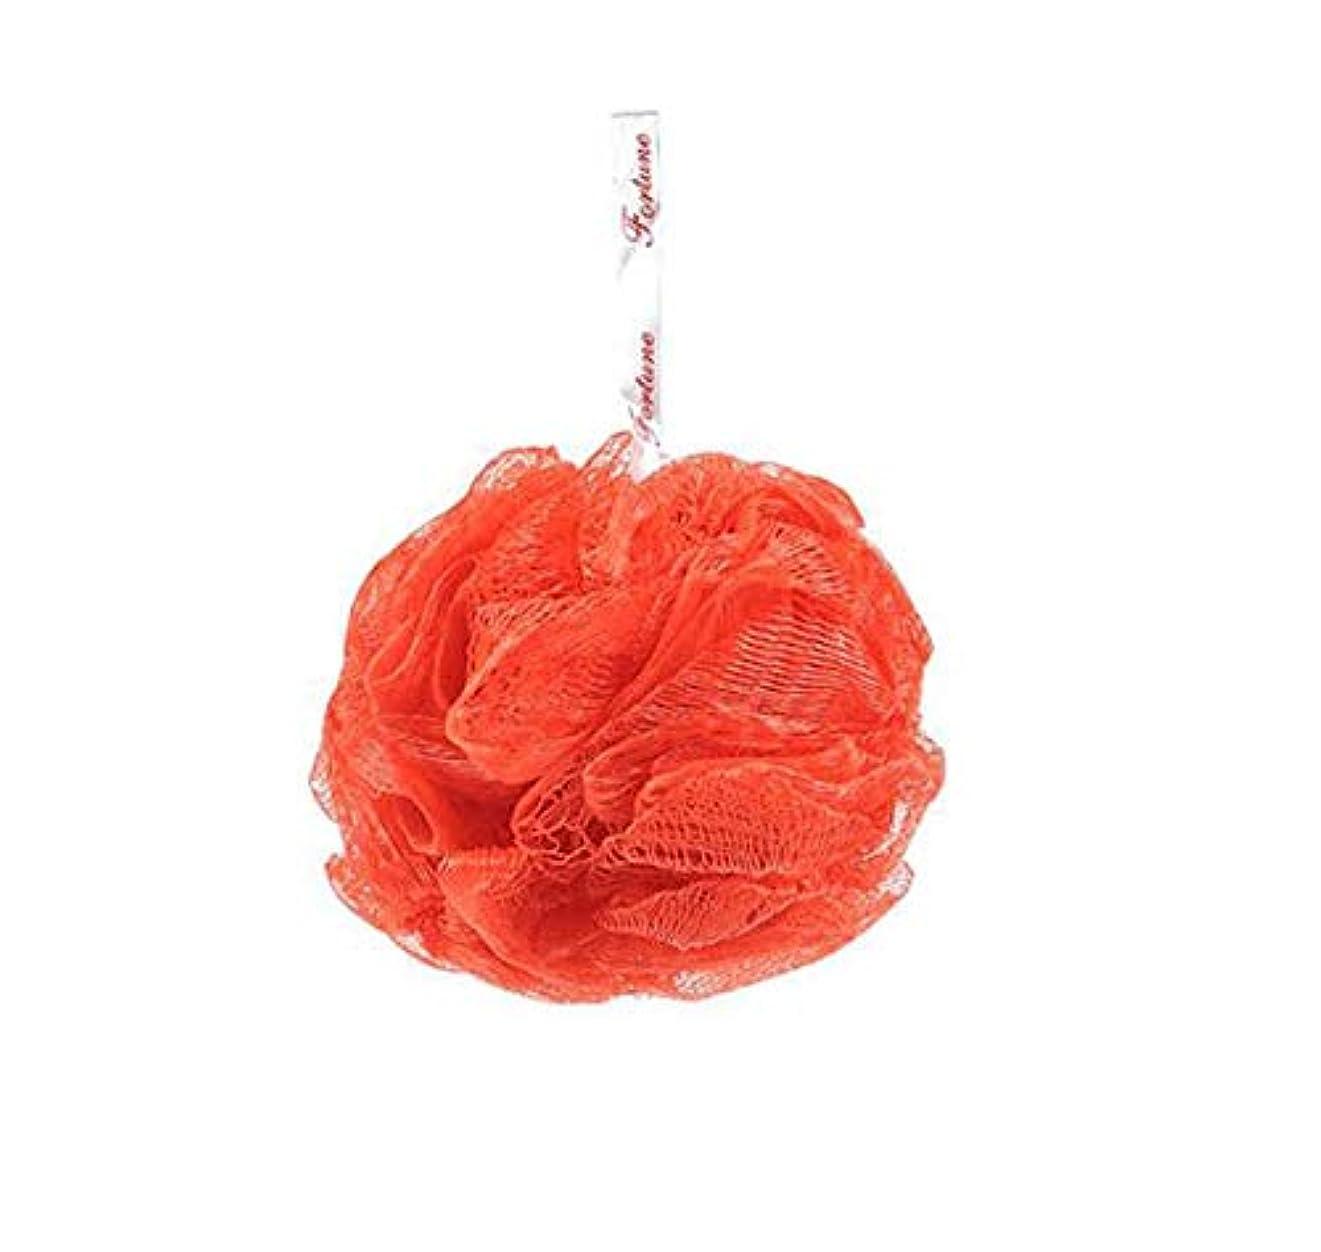 ほこりっぽい異なる効果的にHJ フラワーボール 泡立てネット たっぷり泡立つ ボディウォッシュボール お風呂用ボール ふわふわ 色ランダム (5個セット)